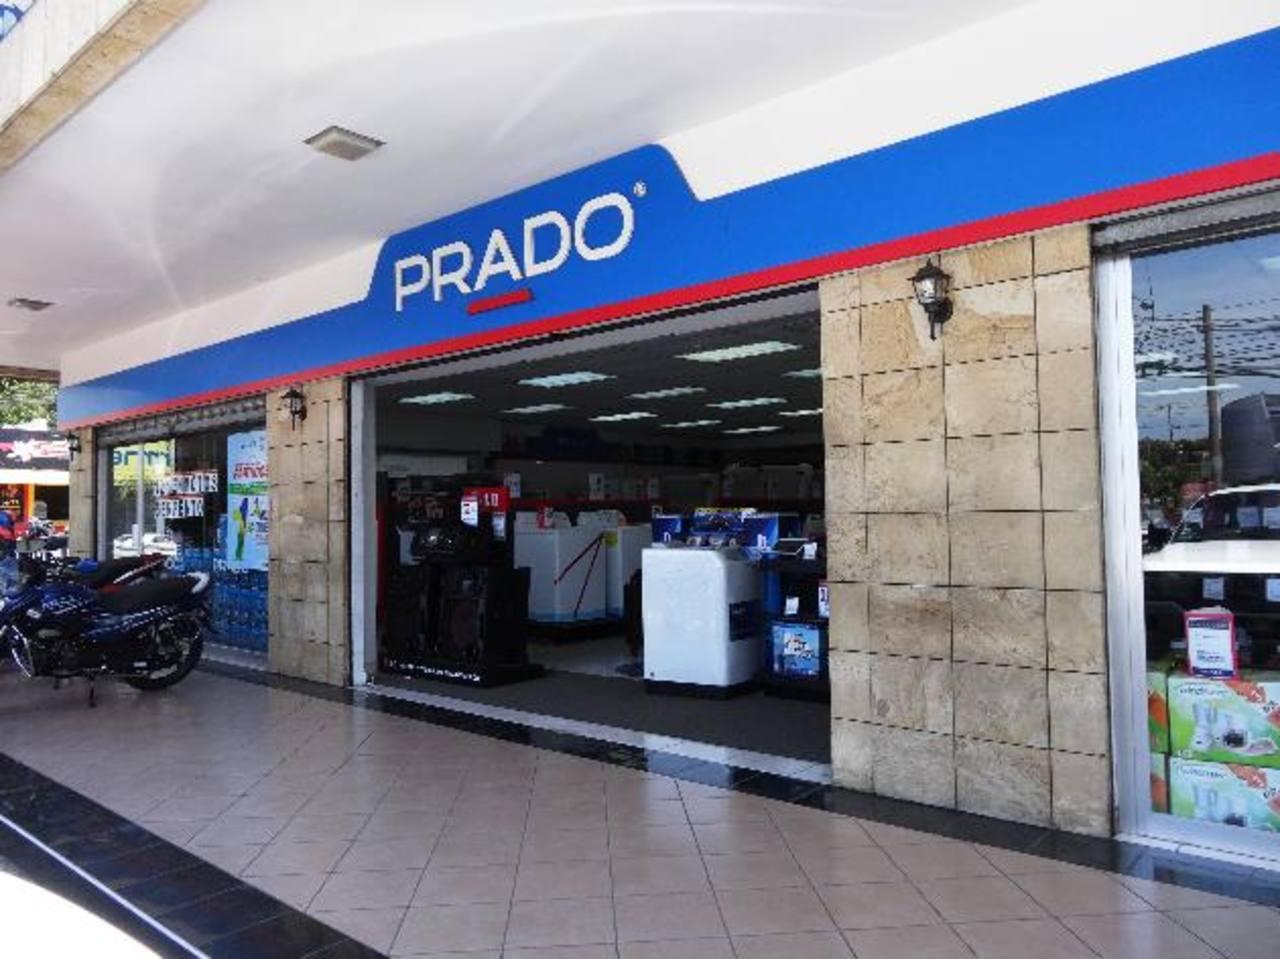 Prado ofrece a sus cliente lo mejor en productos y marcas.